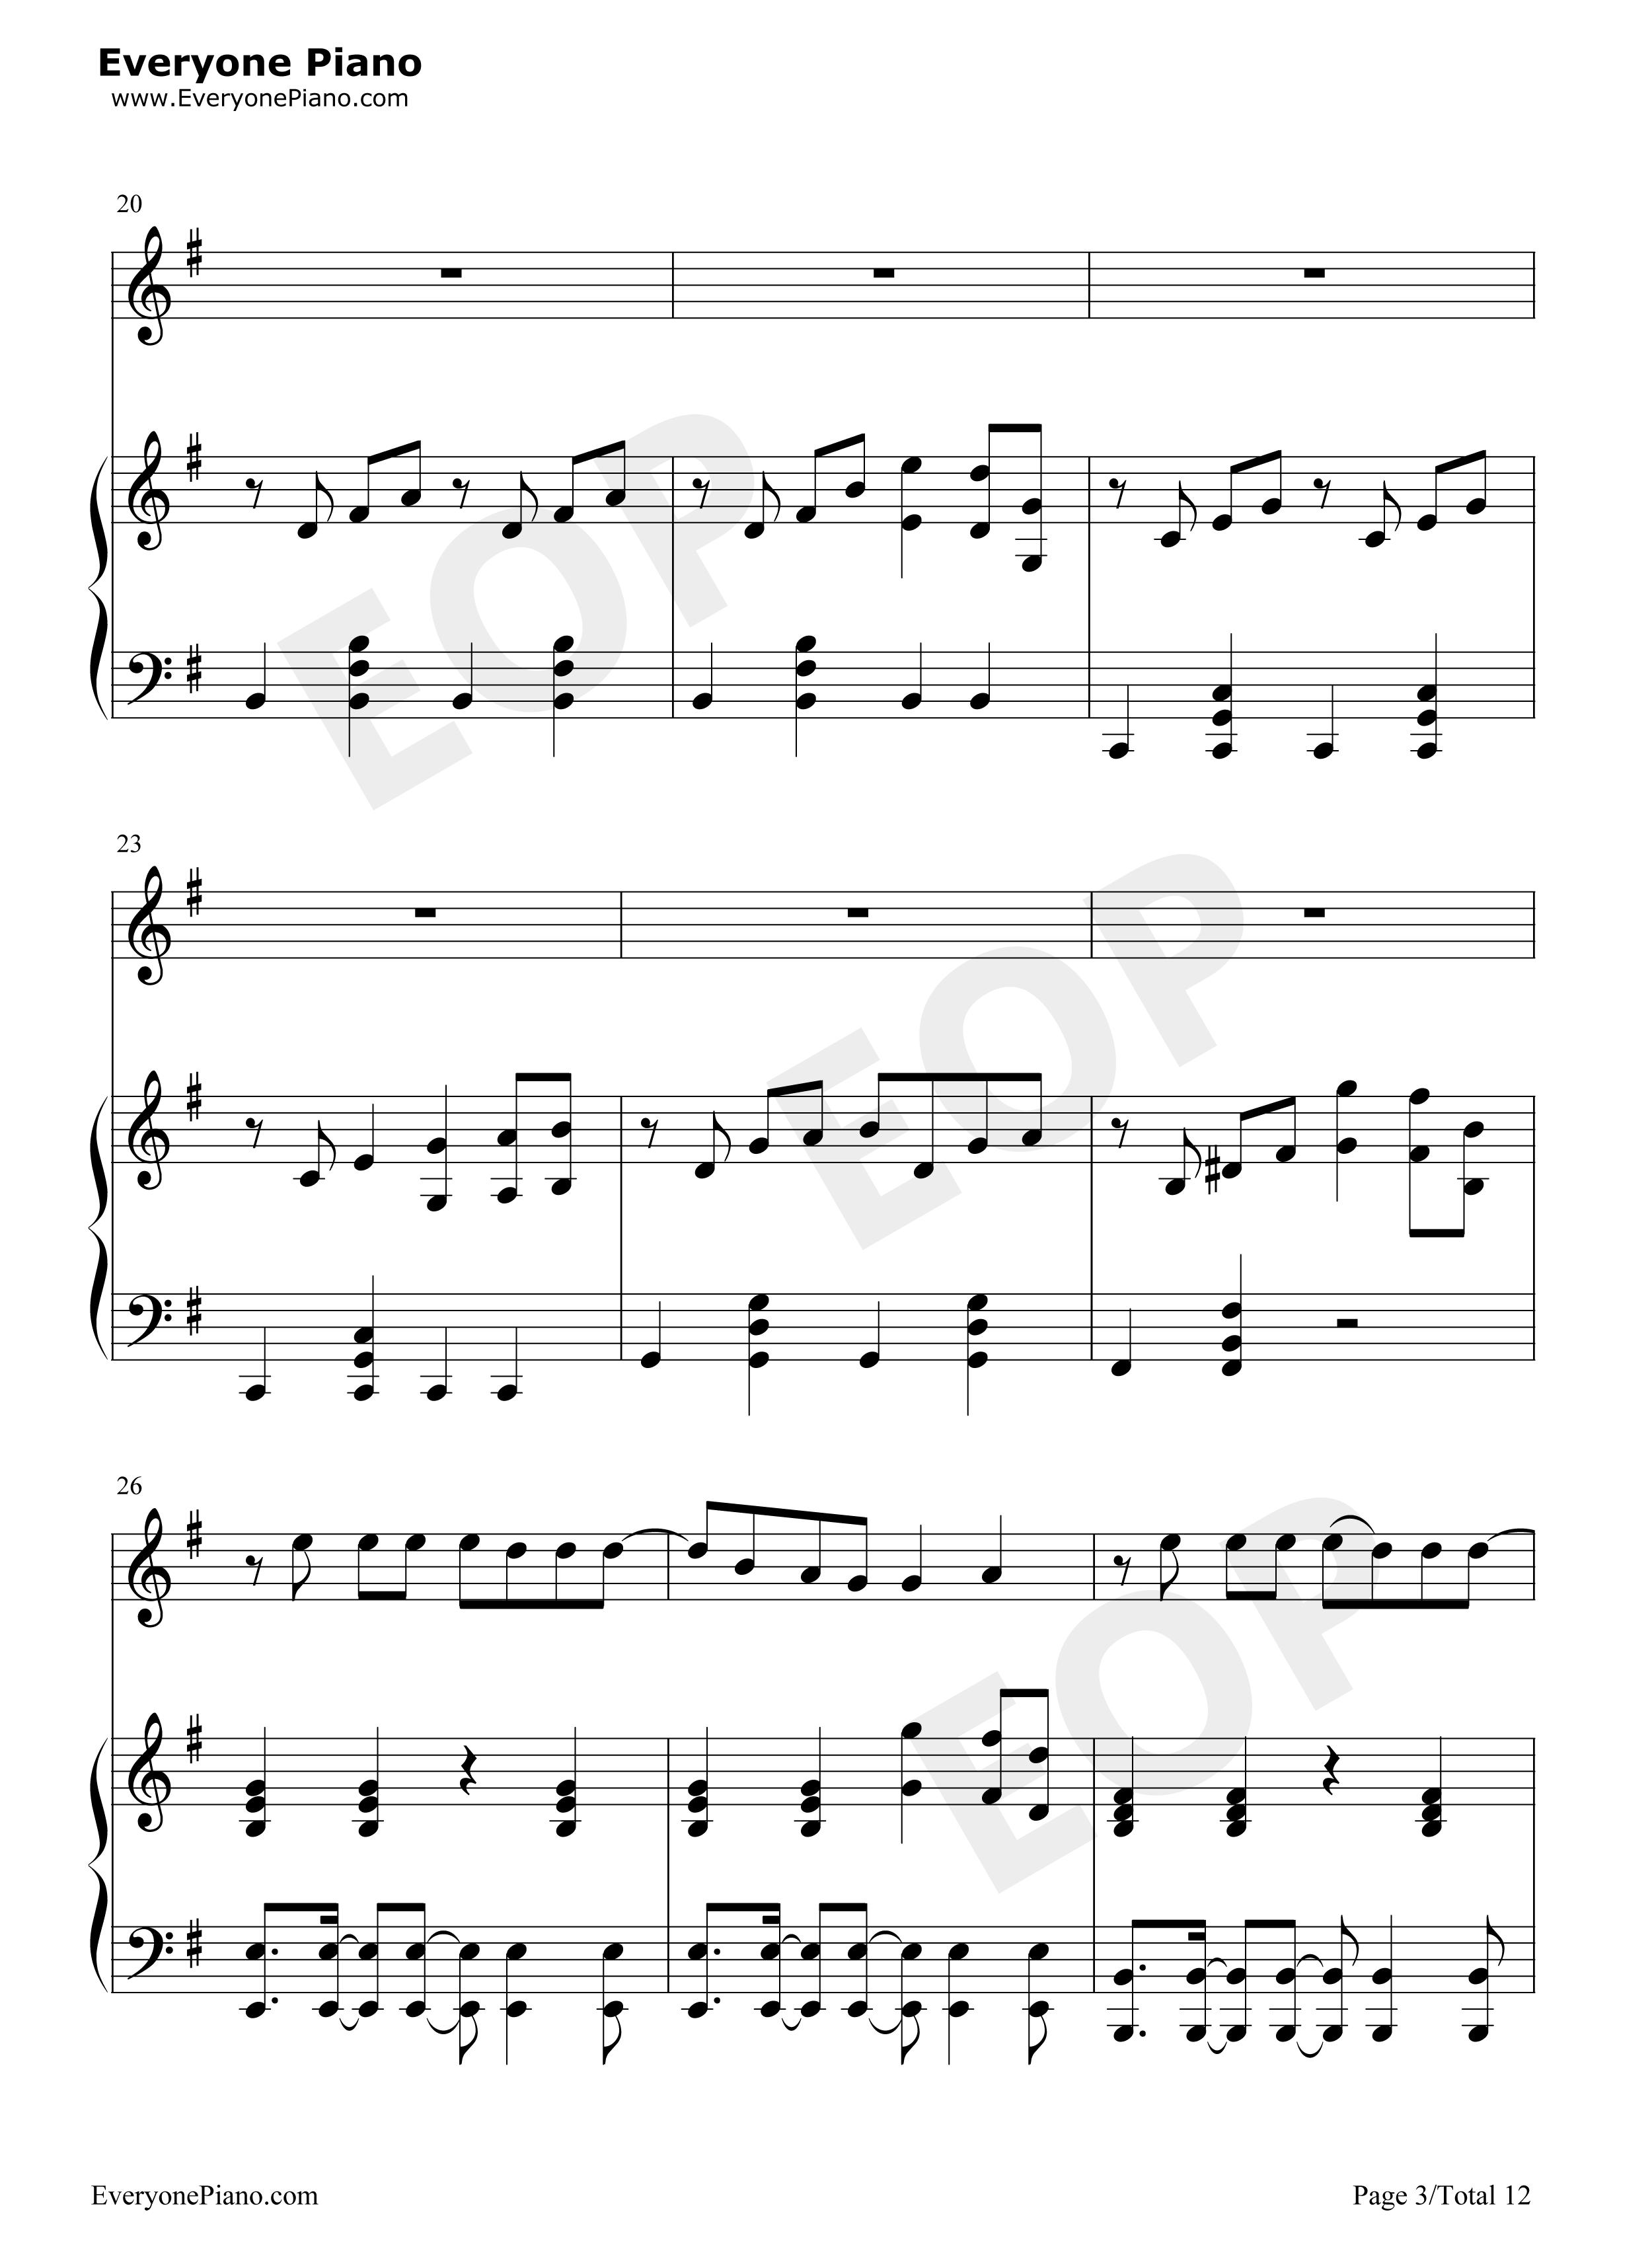 茱莉亚钢琴曲谱简谱-eop钢琴谱